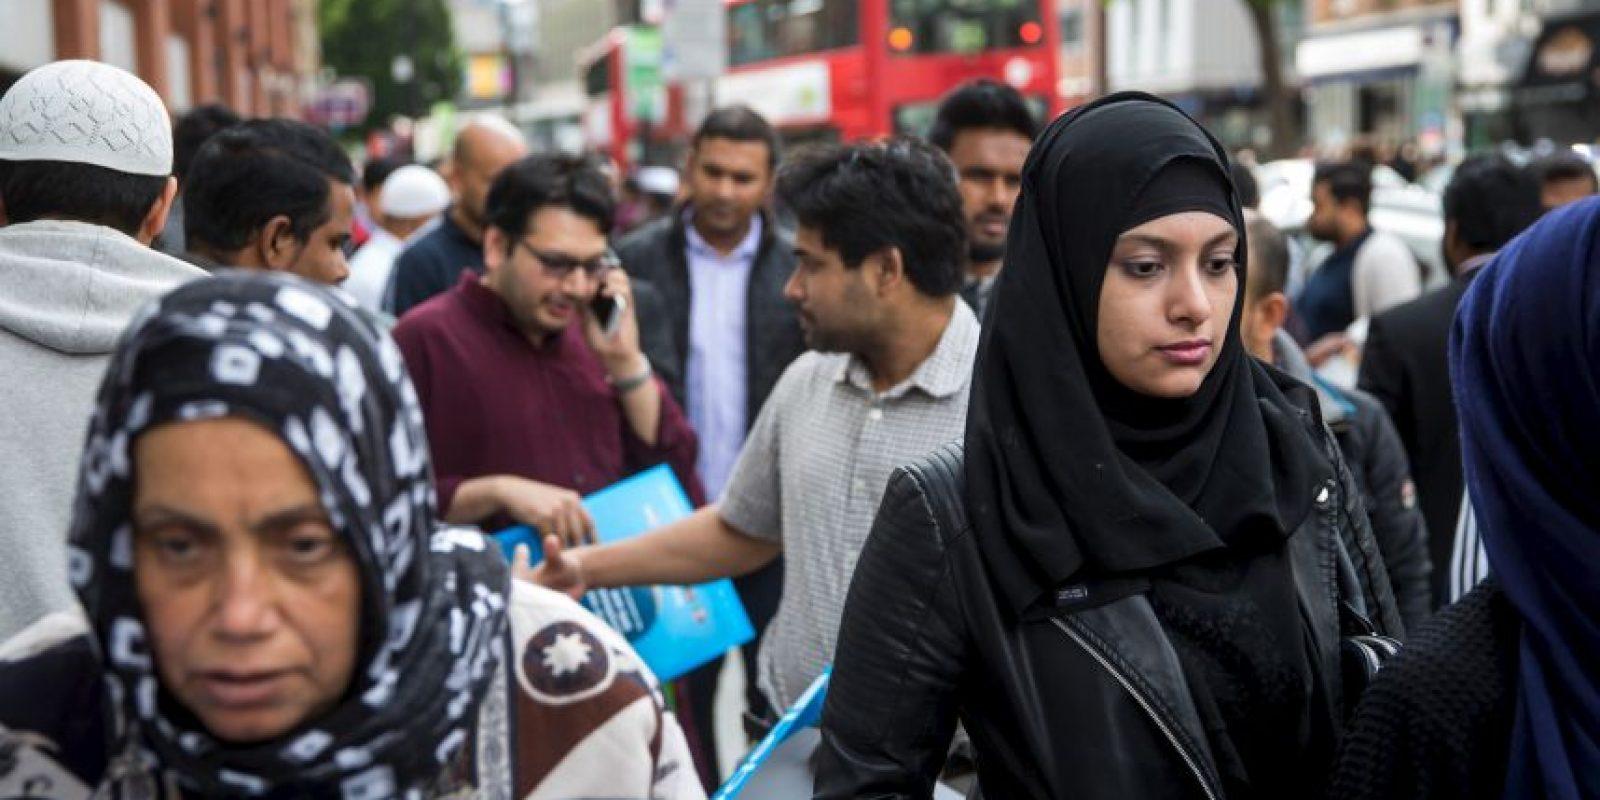 En el 2025 se pronostica que los musulmanes utilizarán la guerra química contra los europeos. Foto:Getty Images